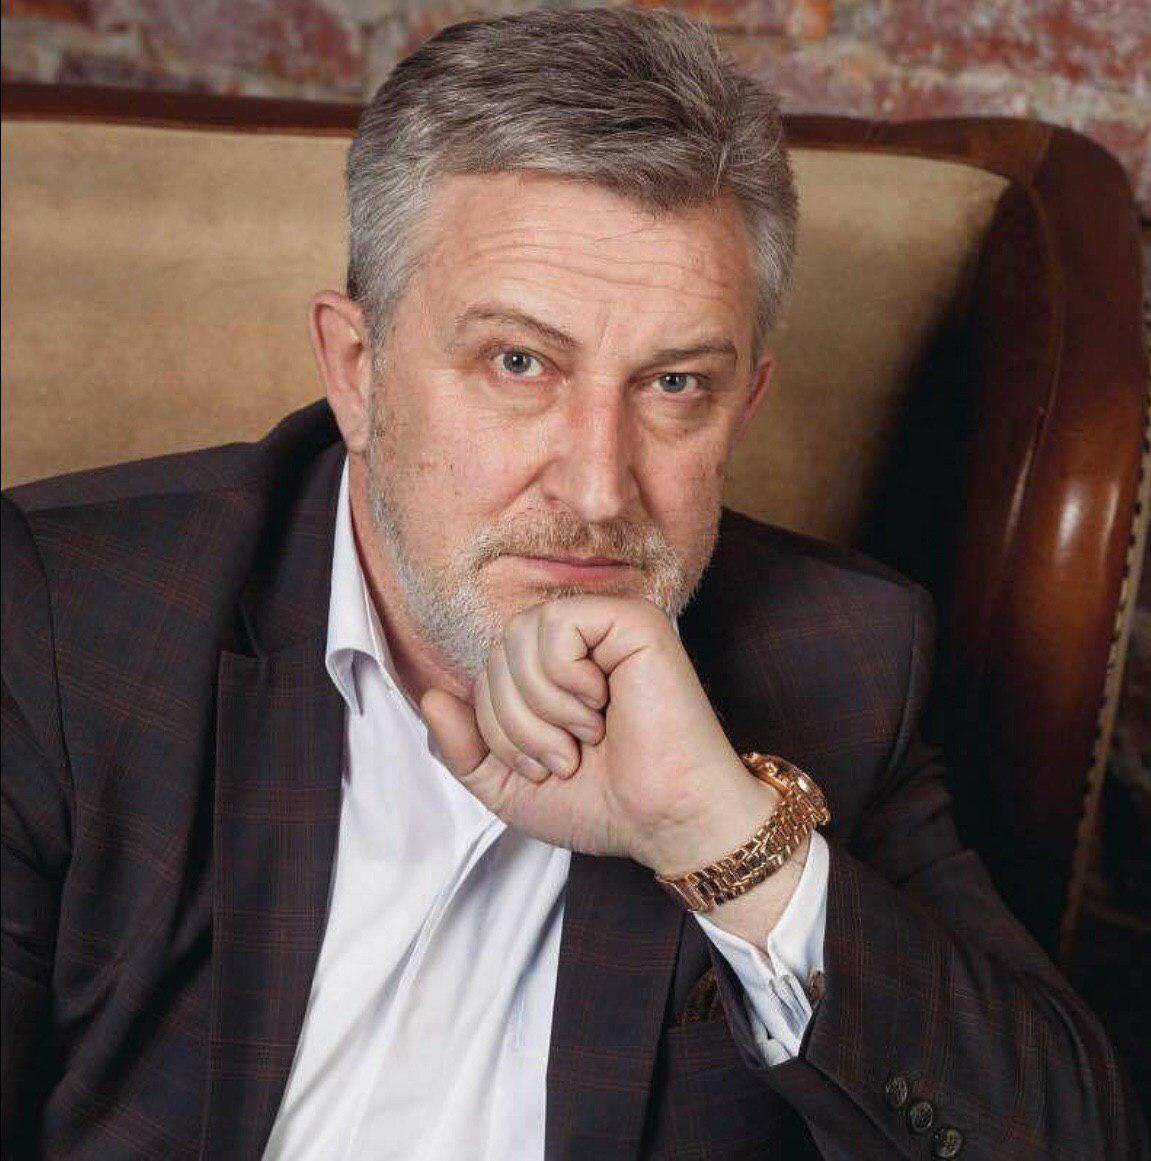 Адвокат Владимир Постанюк: Позволят ли коллекторам собирать долги по ЖКХ?